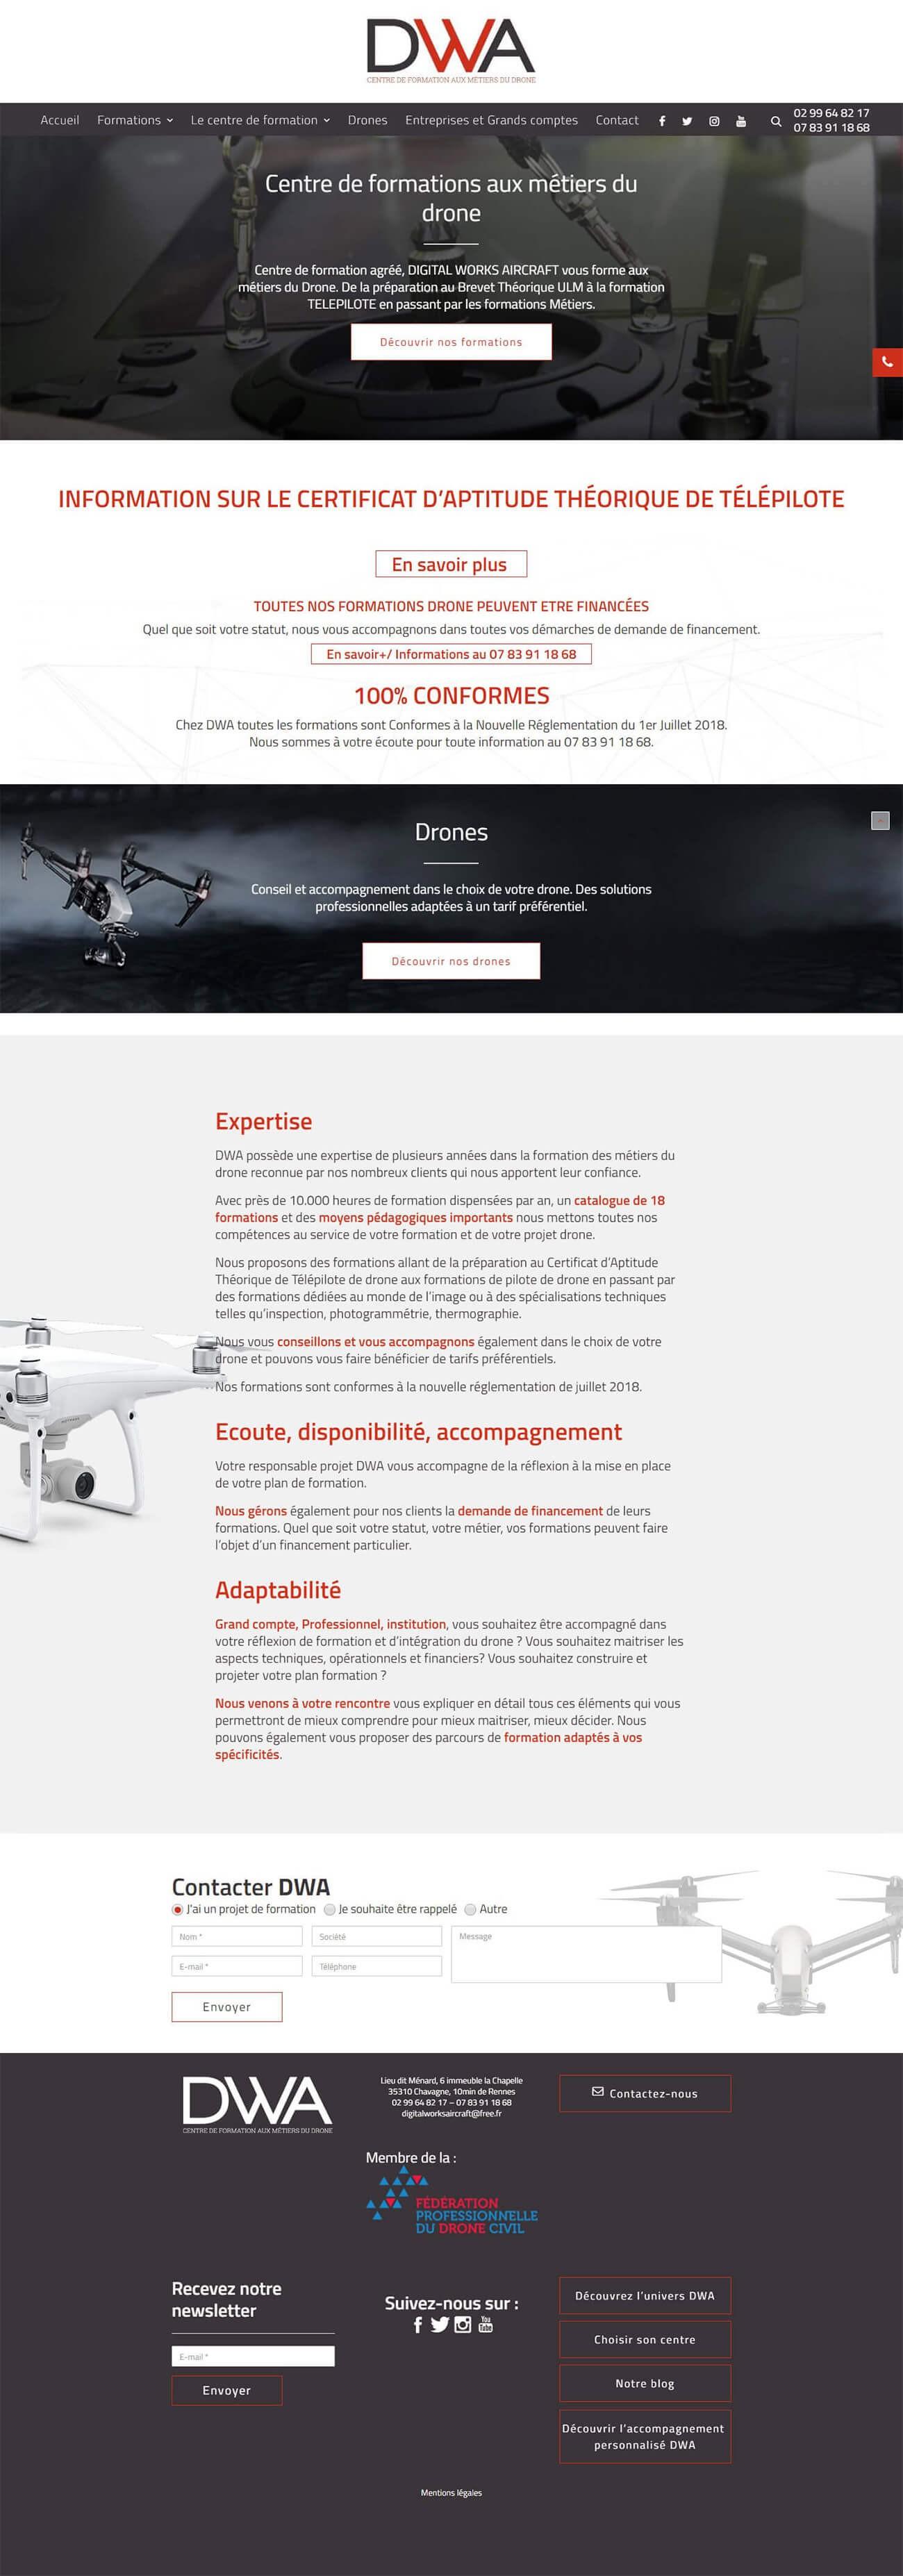 dwa-Digital-Works-Aircraft---Centre-de-formation-aux-métiers-du-drone.jpg